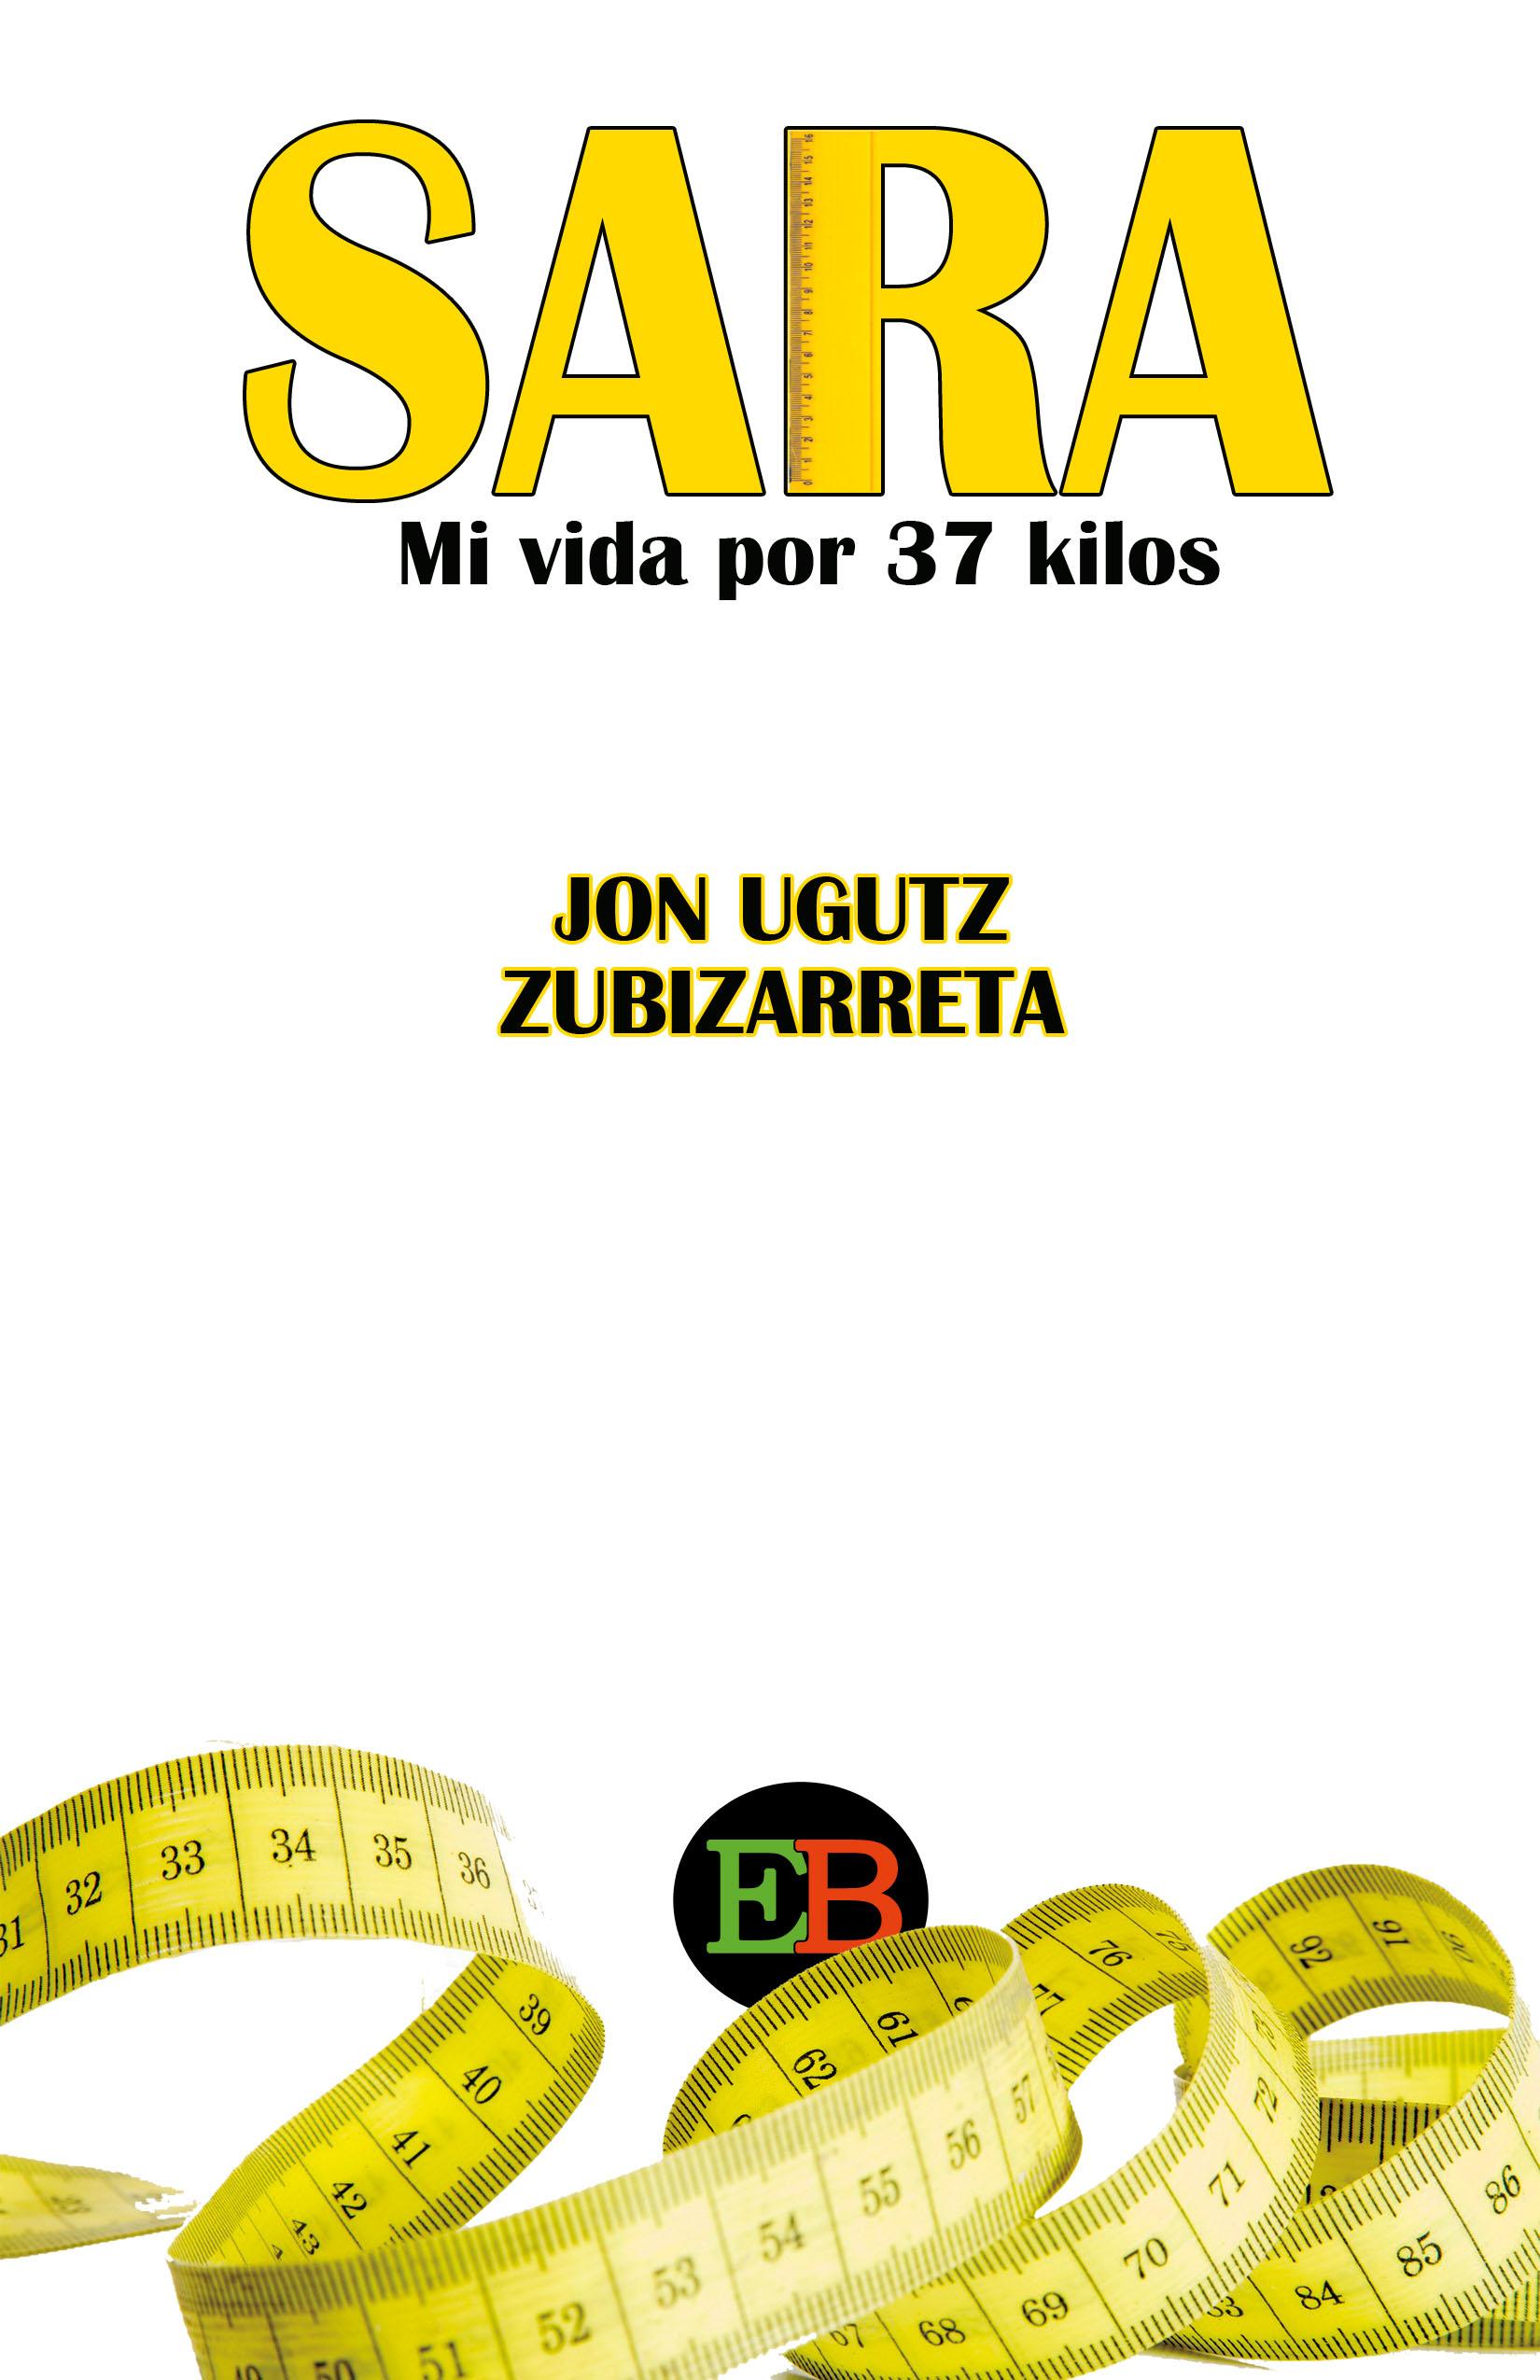 Jon Ugutz Zubizarreta 'Sara, mi vida por 37 kilos' Presentación del libro+ tertulia.